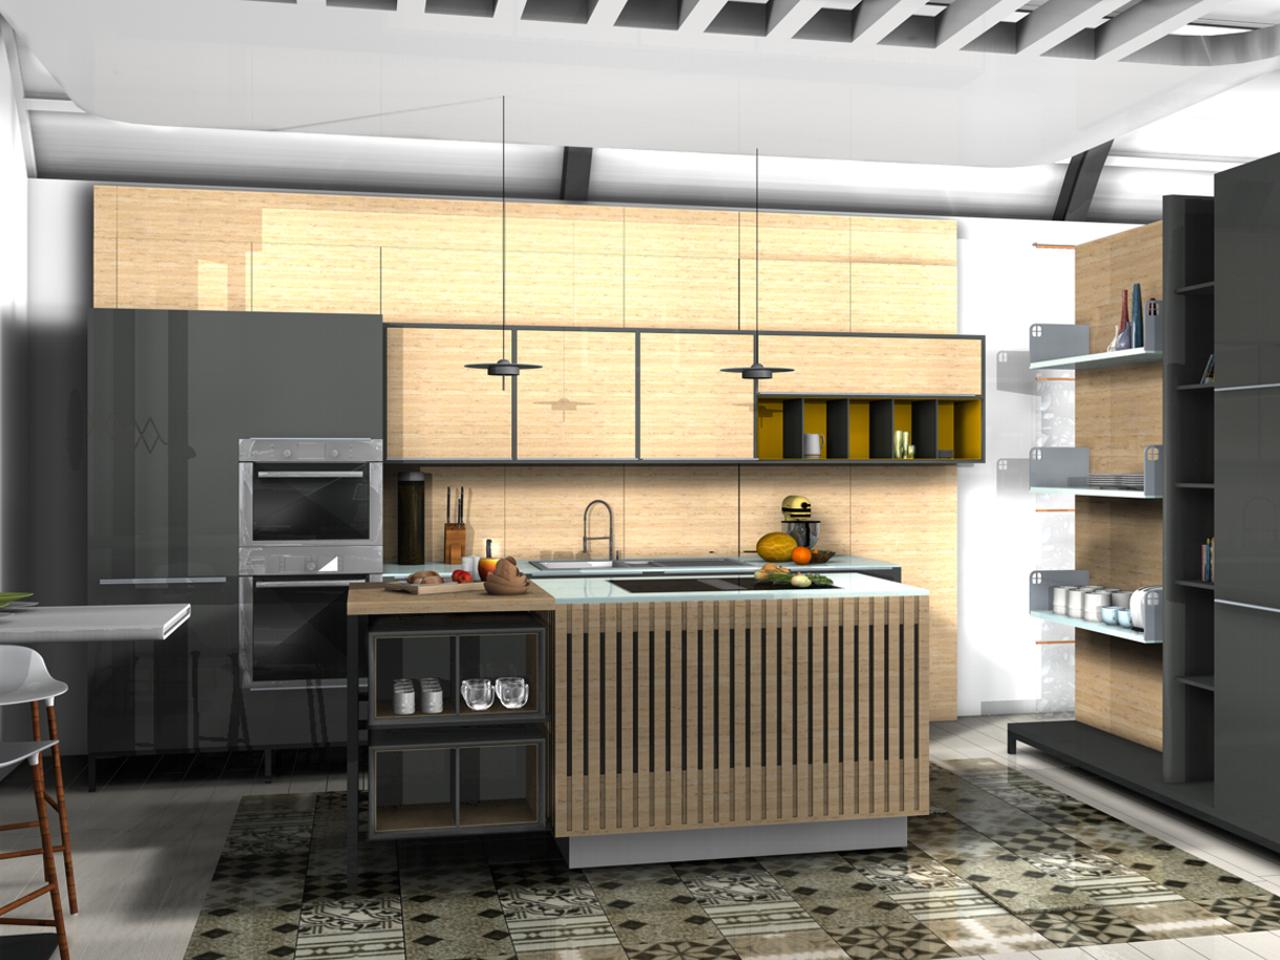 Küche   Innenarchitekt Michael Schneider,Innenarchitektur ...